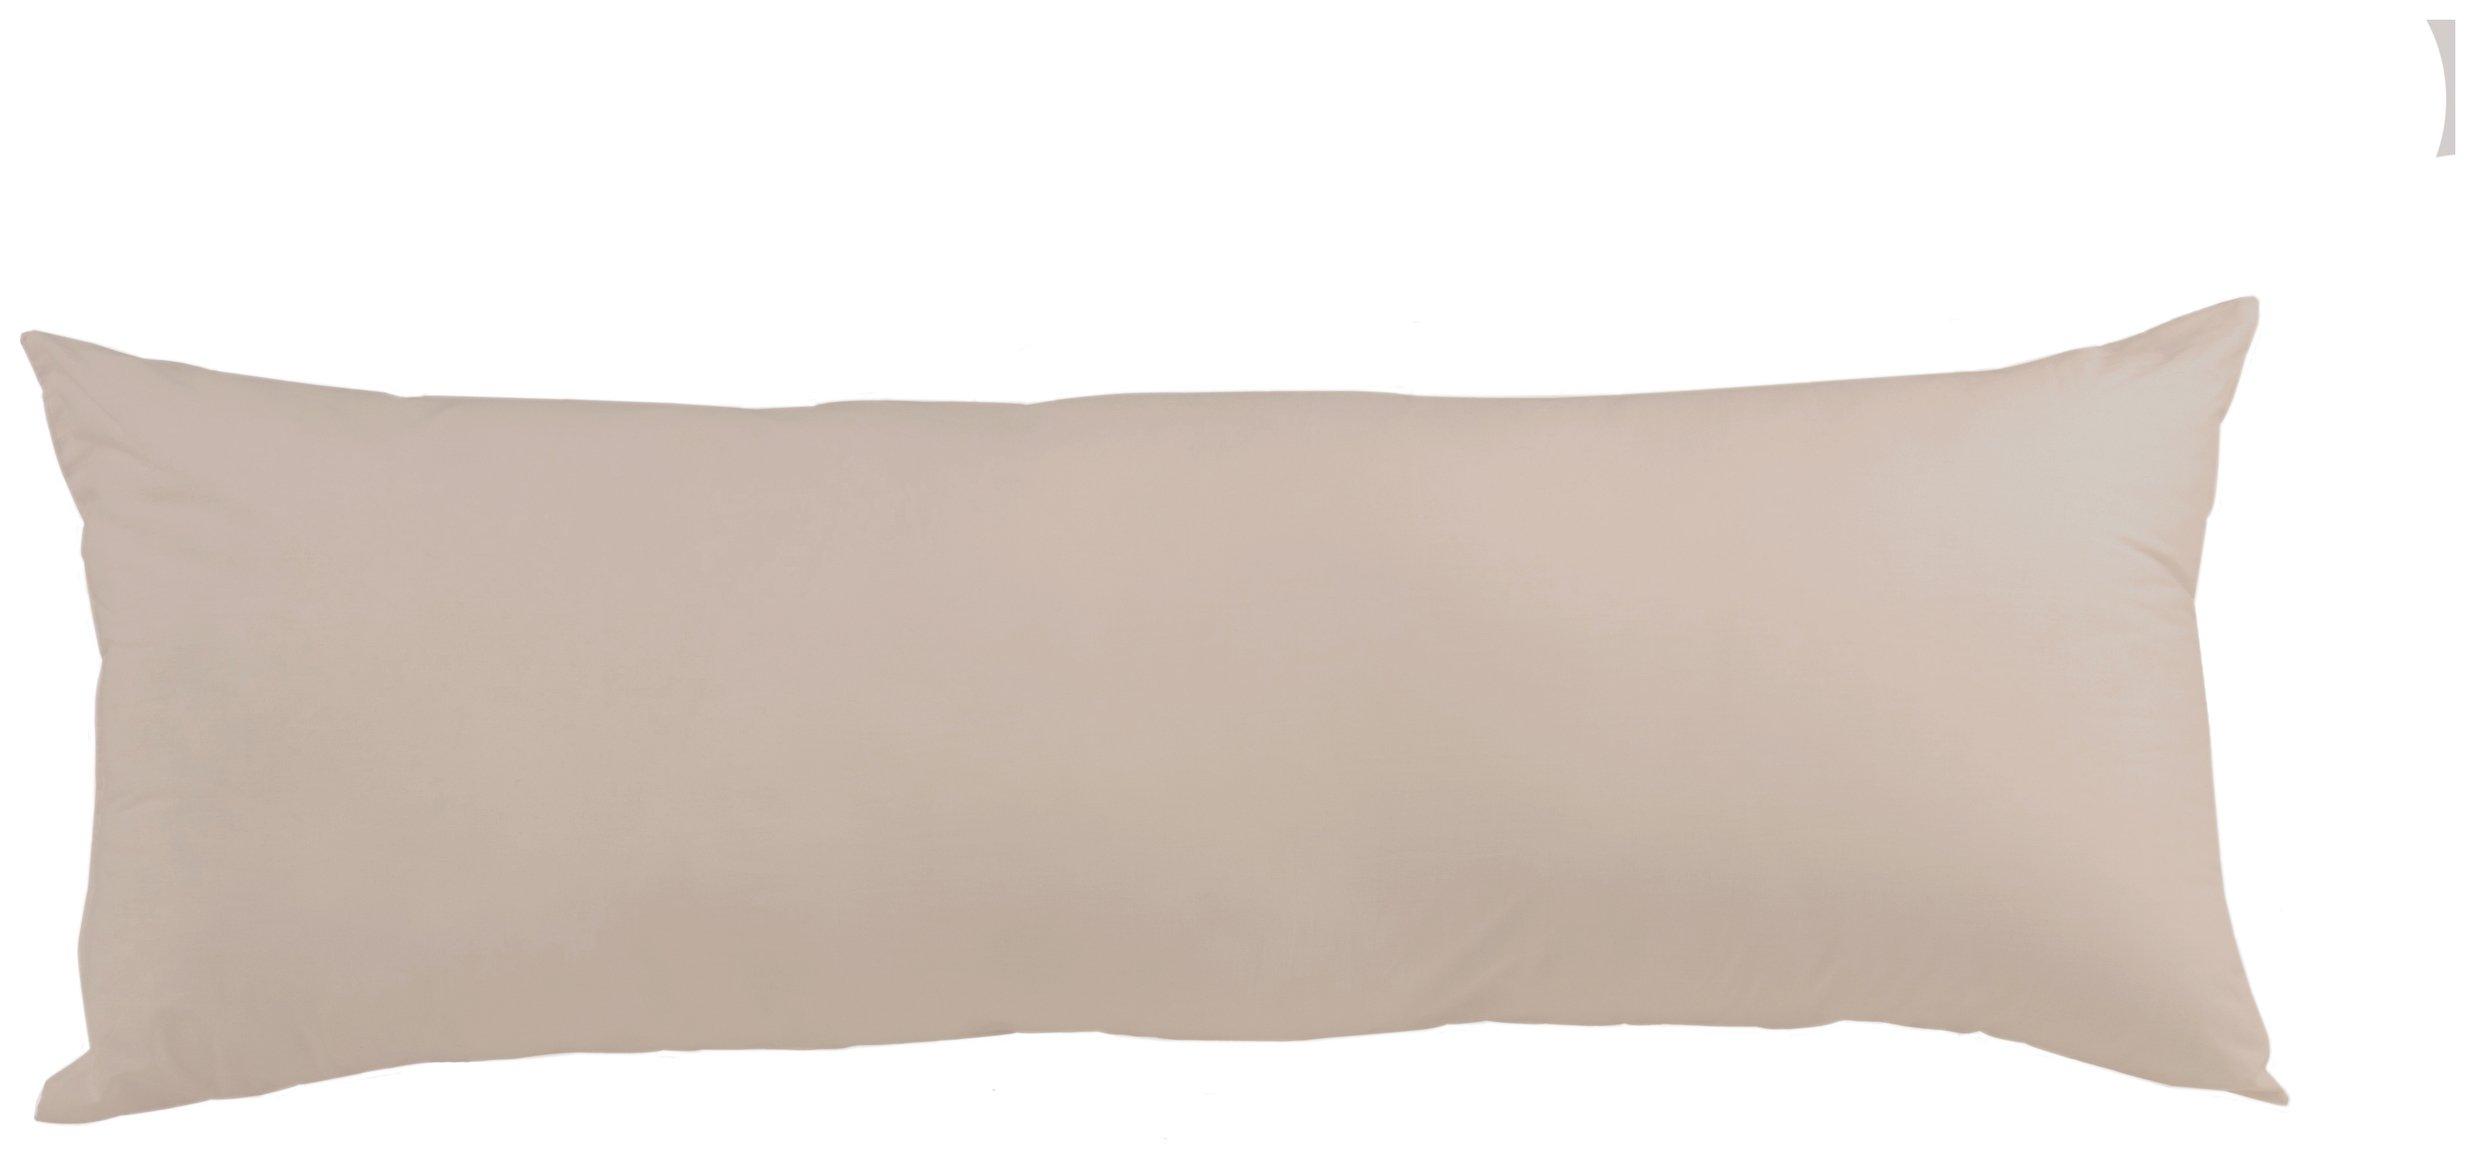 downland  4 ft 6 inch cream bolster pillowcases  set of 2